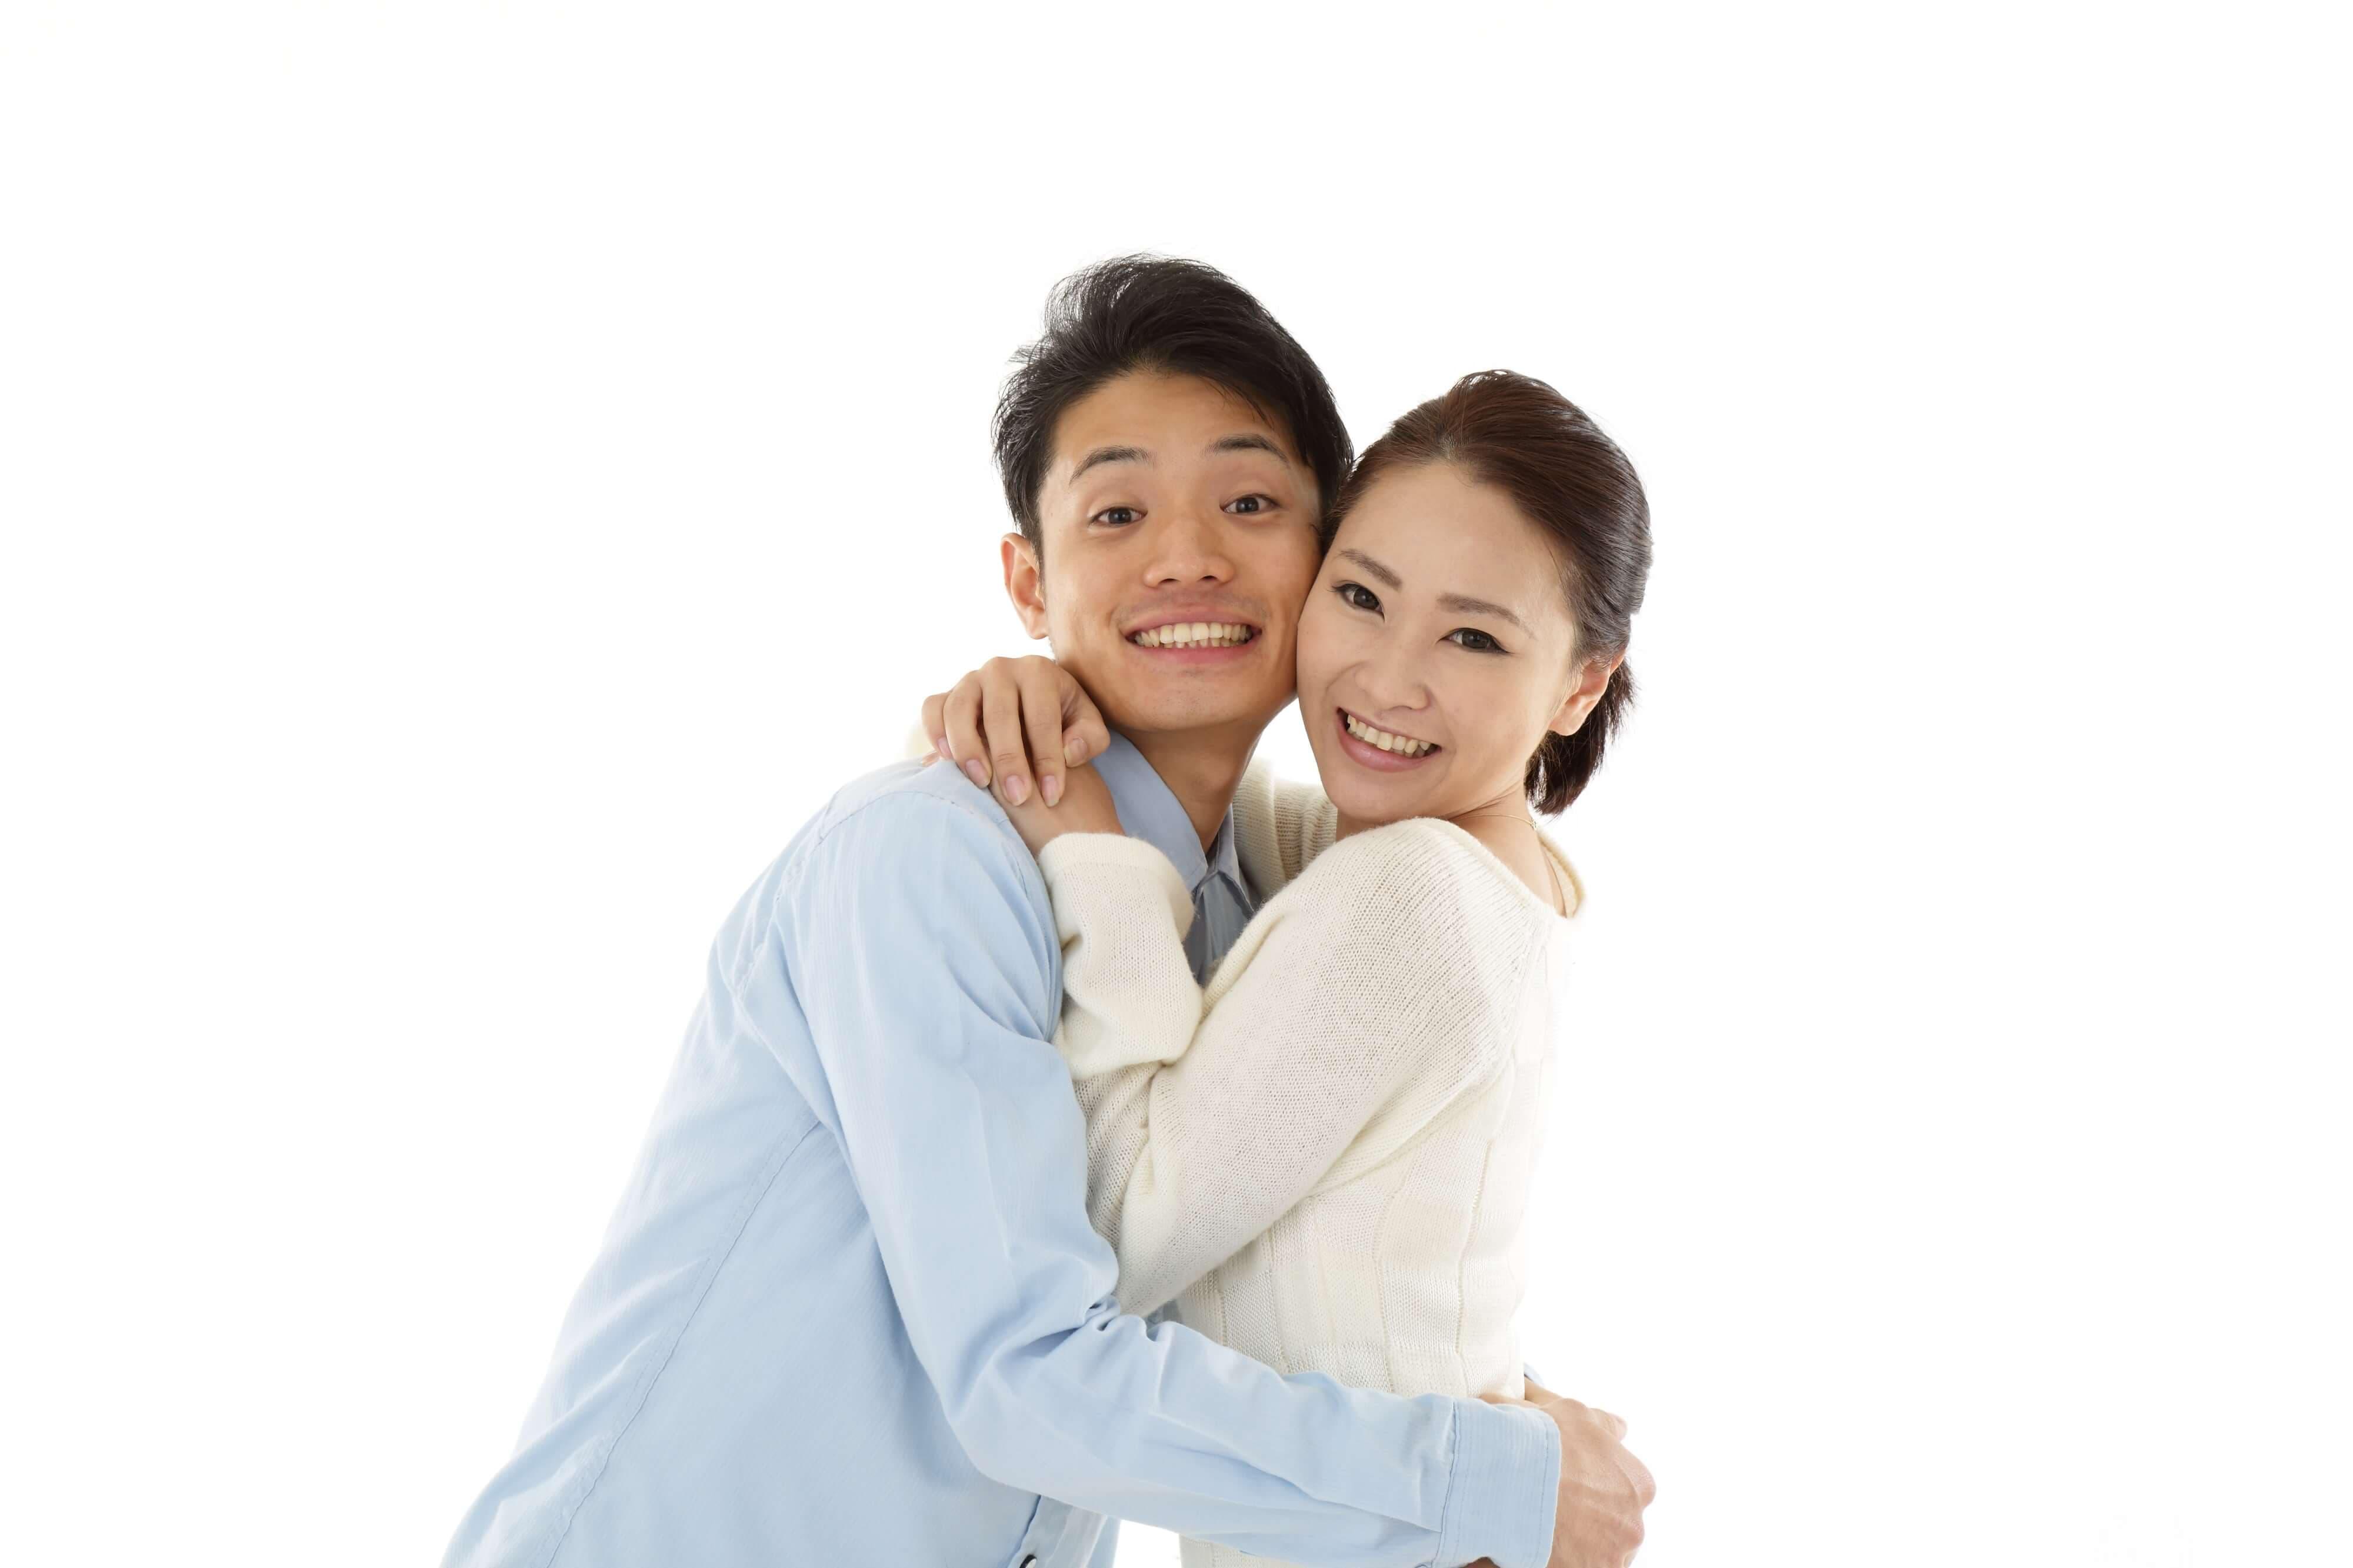 【男性編】夫が職場での妊娠報告の仕方とタイミング